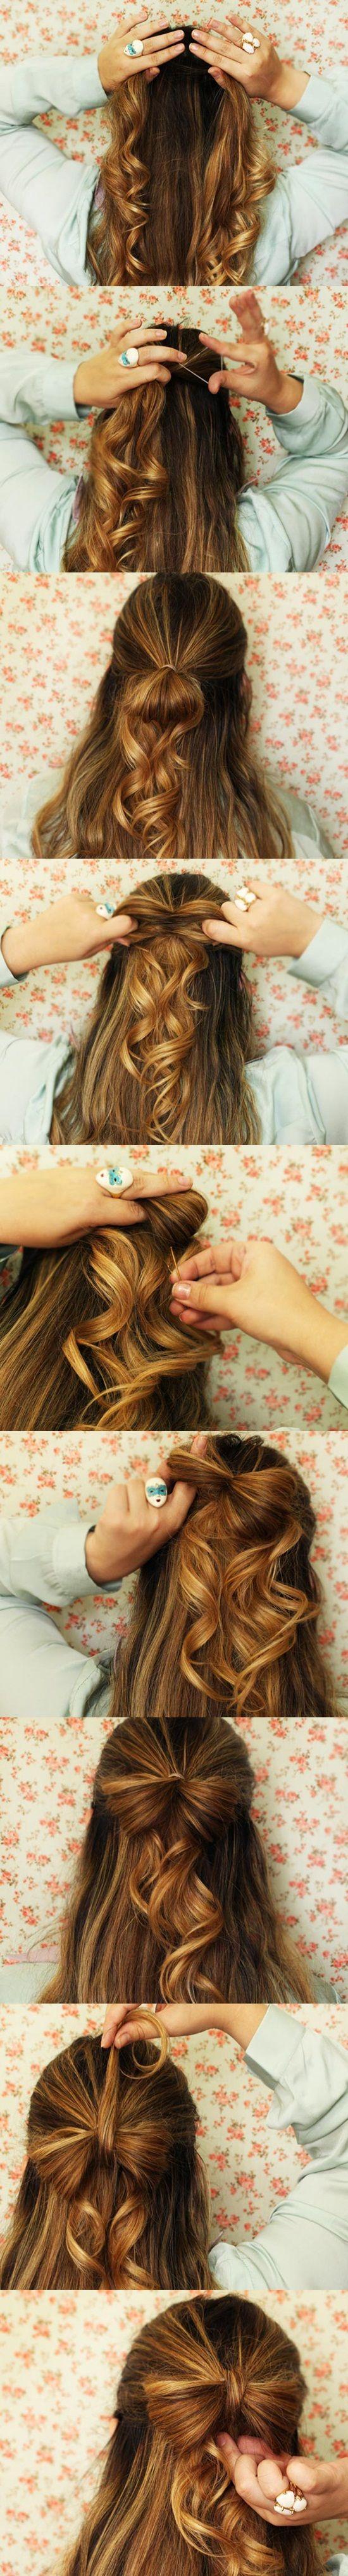 Bisbilhoteiras | Blog | DIY: penteado de laço: